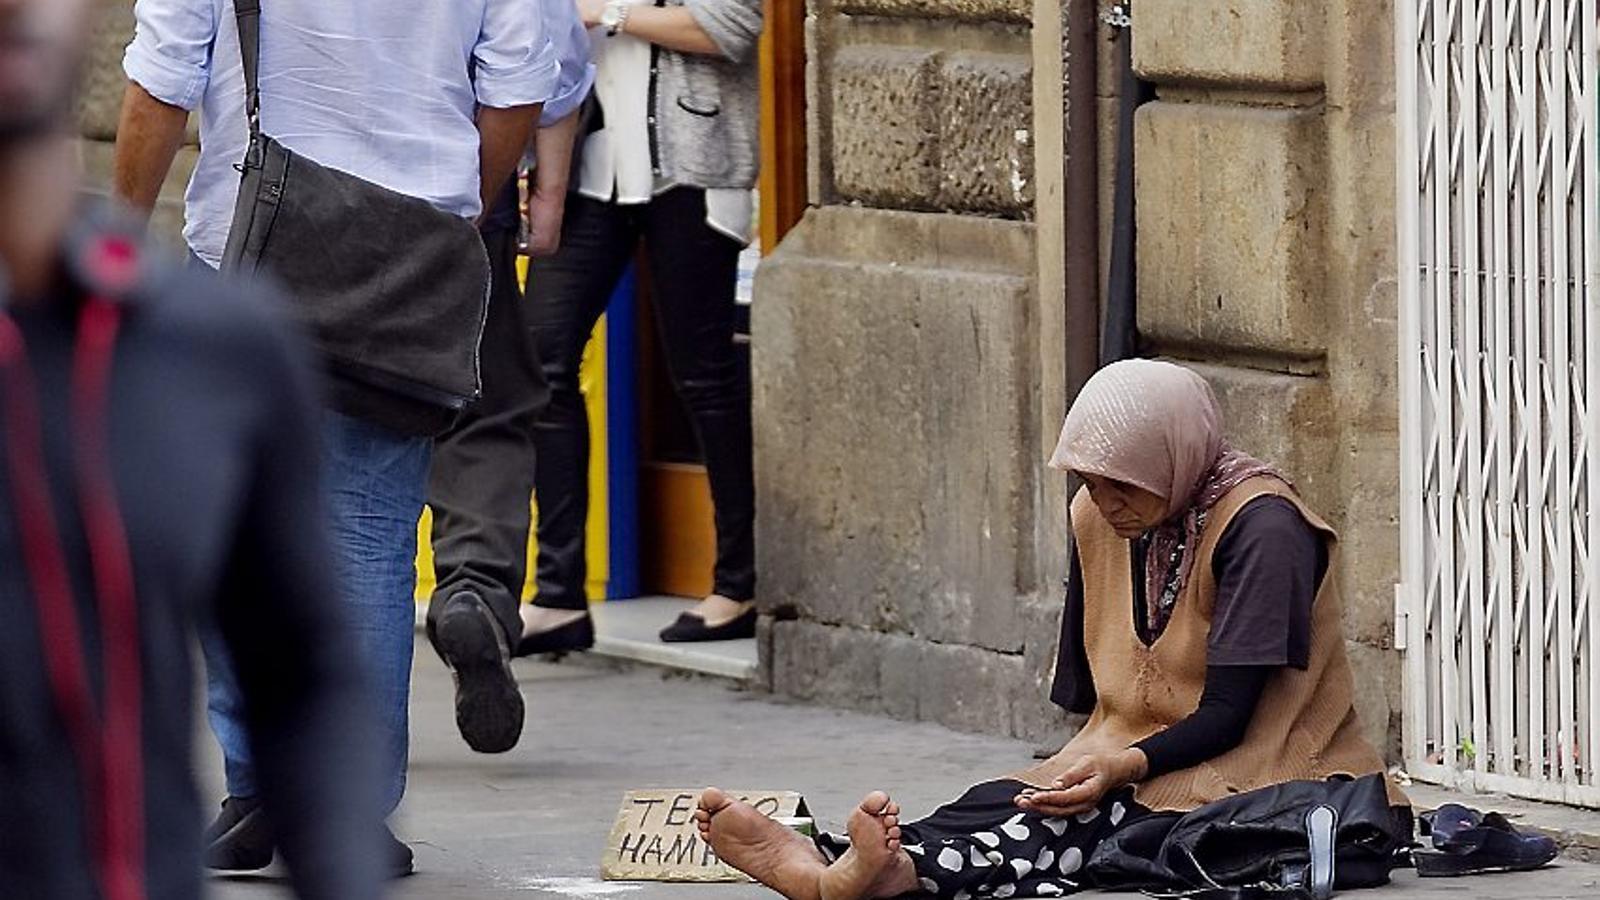 Les dones, discriminades també davant la pobresa